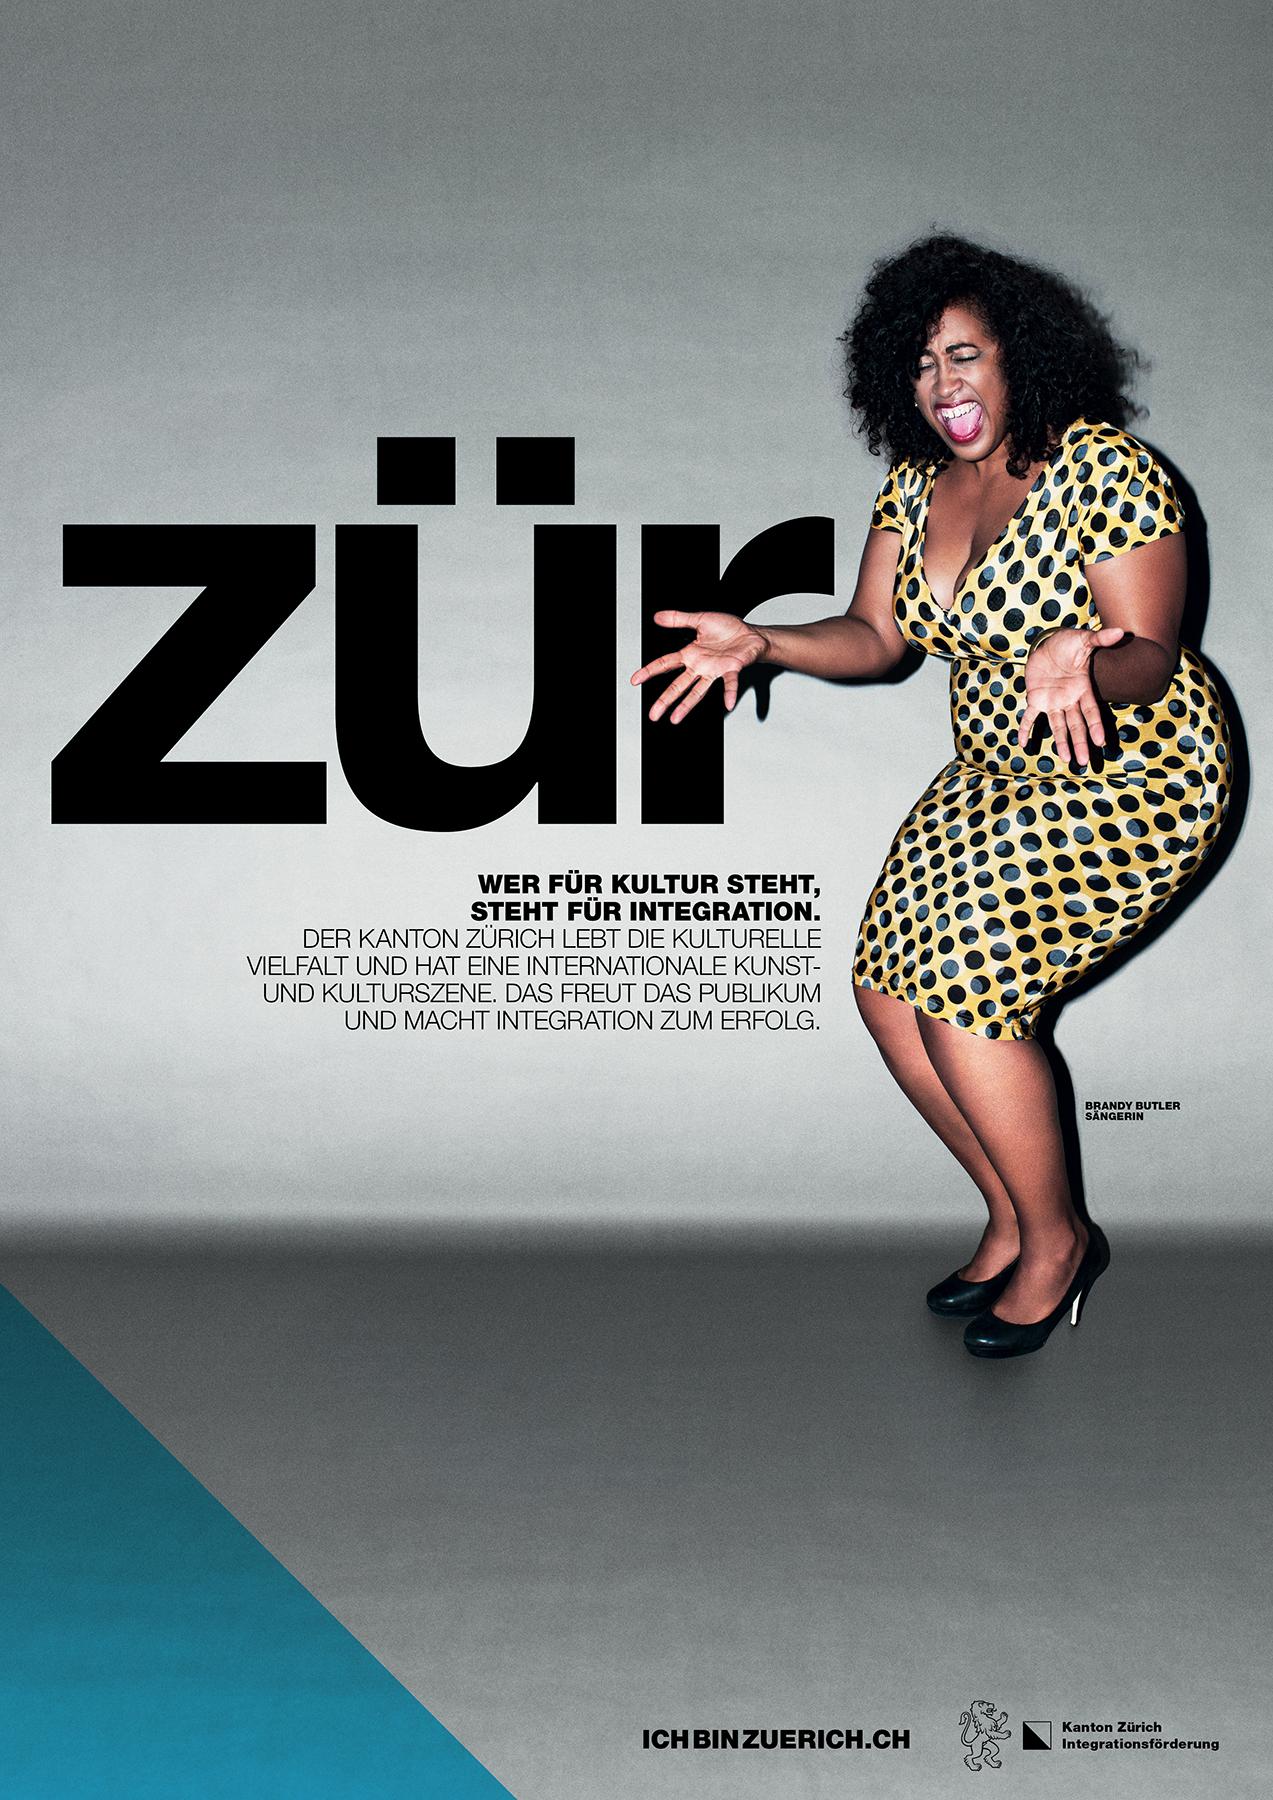 Ich bin Zürich campaign